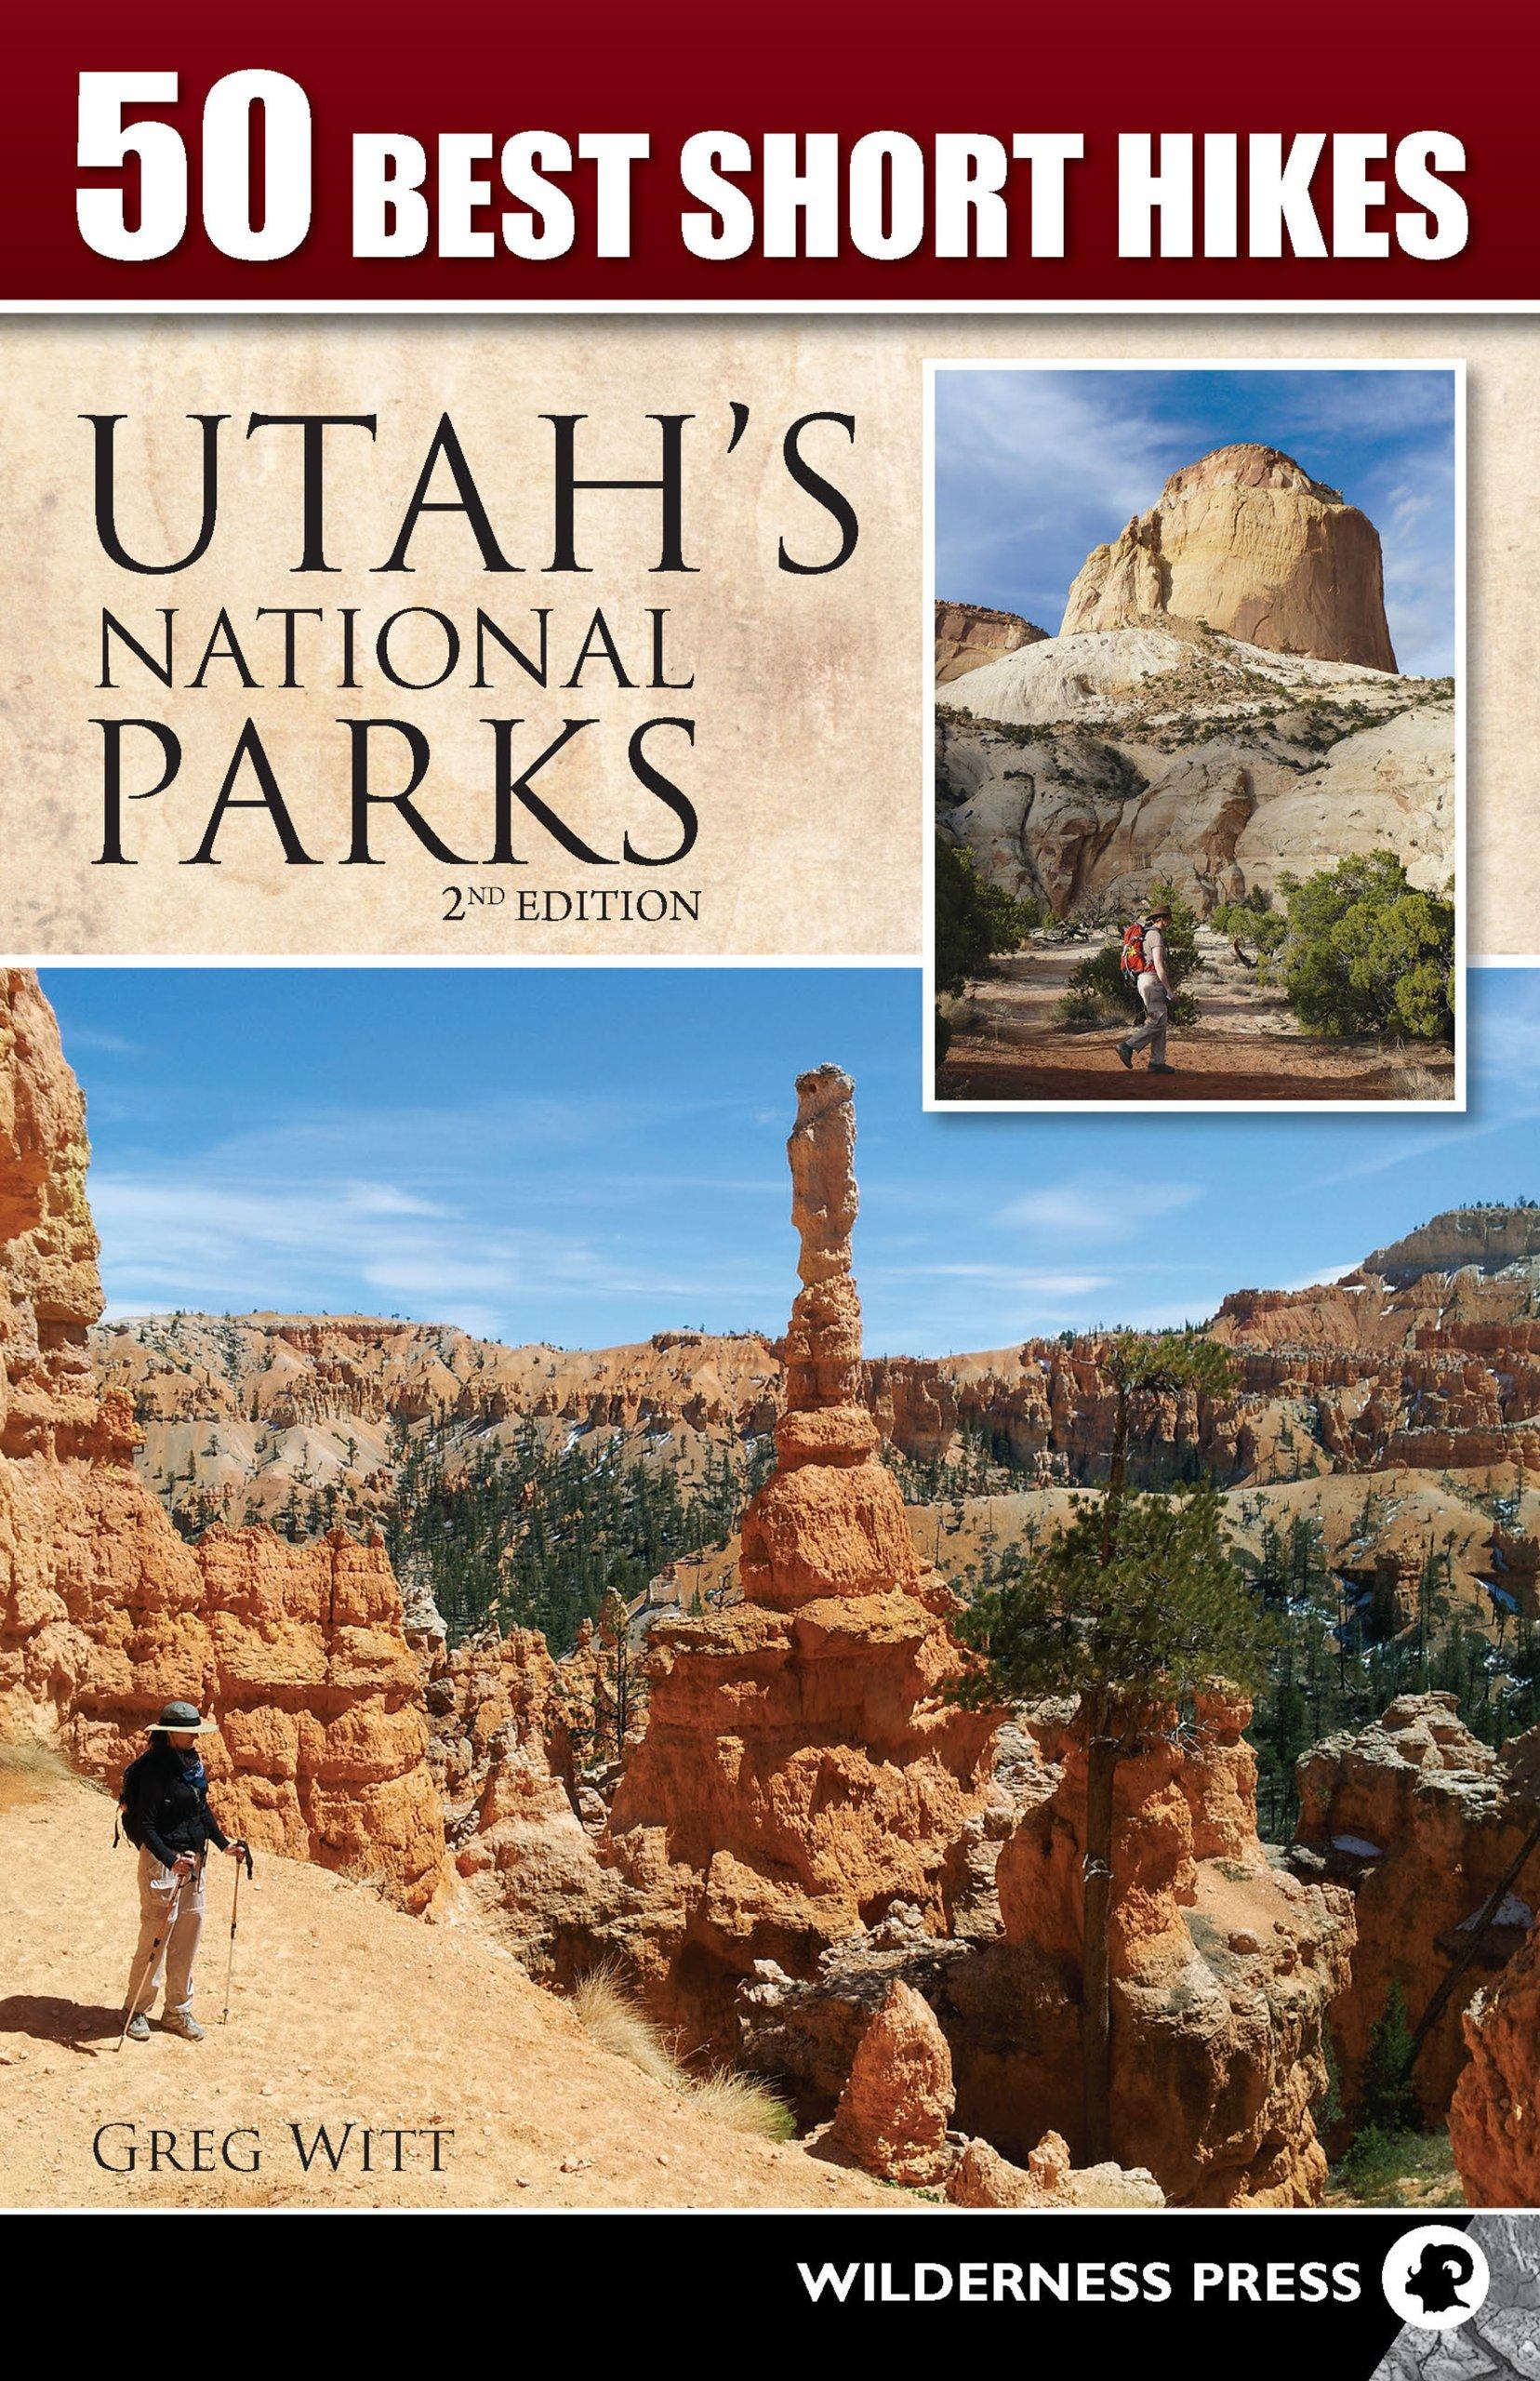 Short Hikes Utahs National Parks product image